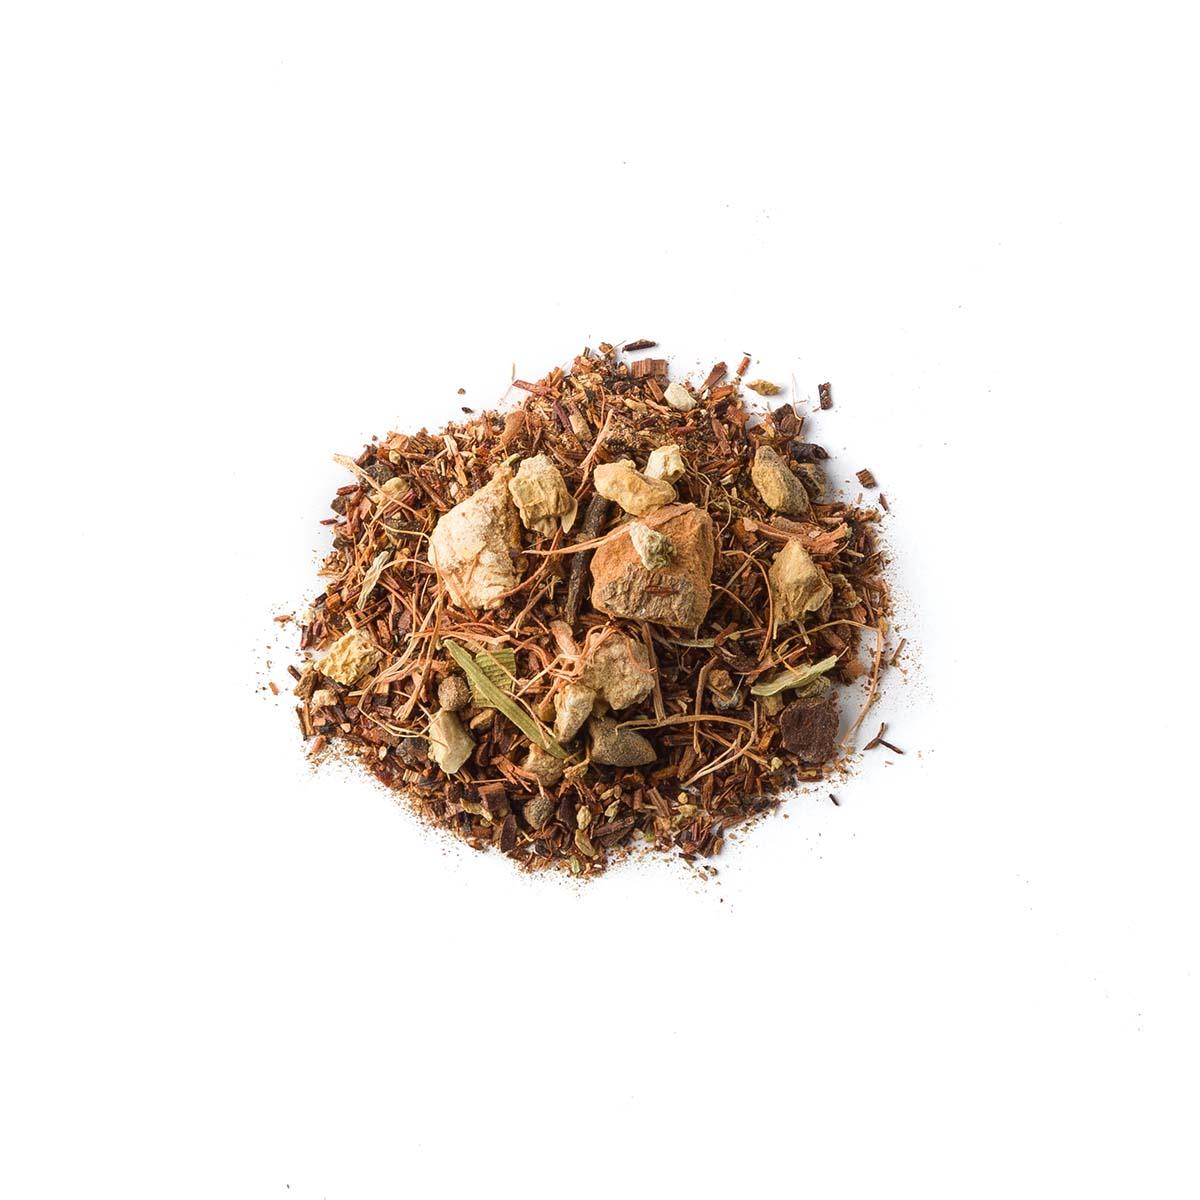 Cythna. Blend rooibosa z baobabem i przyprawami - Brown House & Tea   JestemSlow.pl